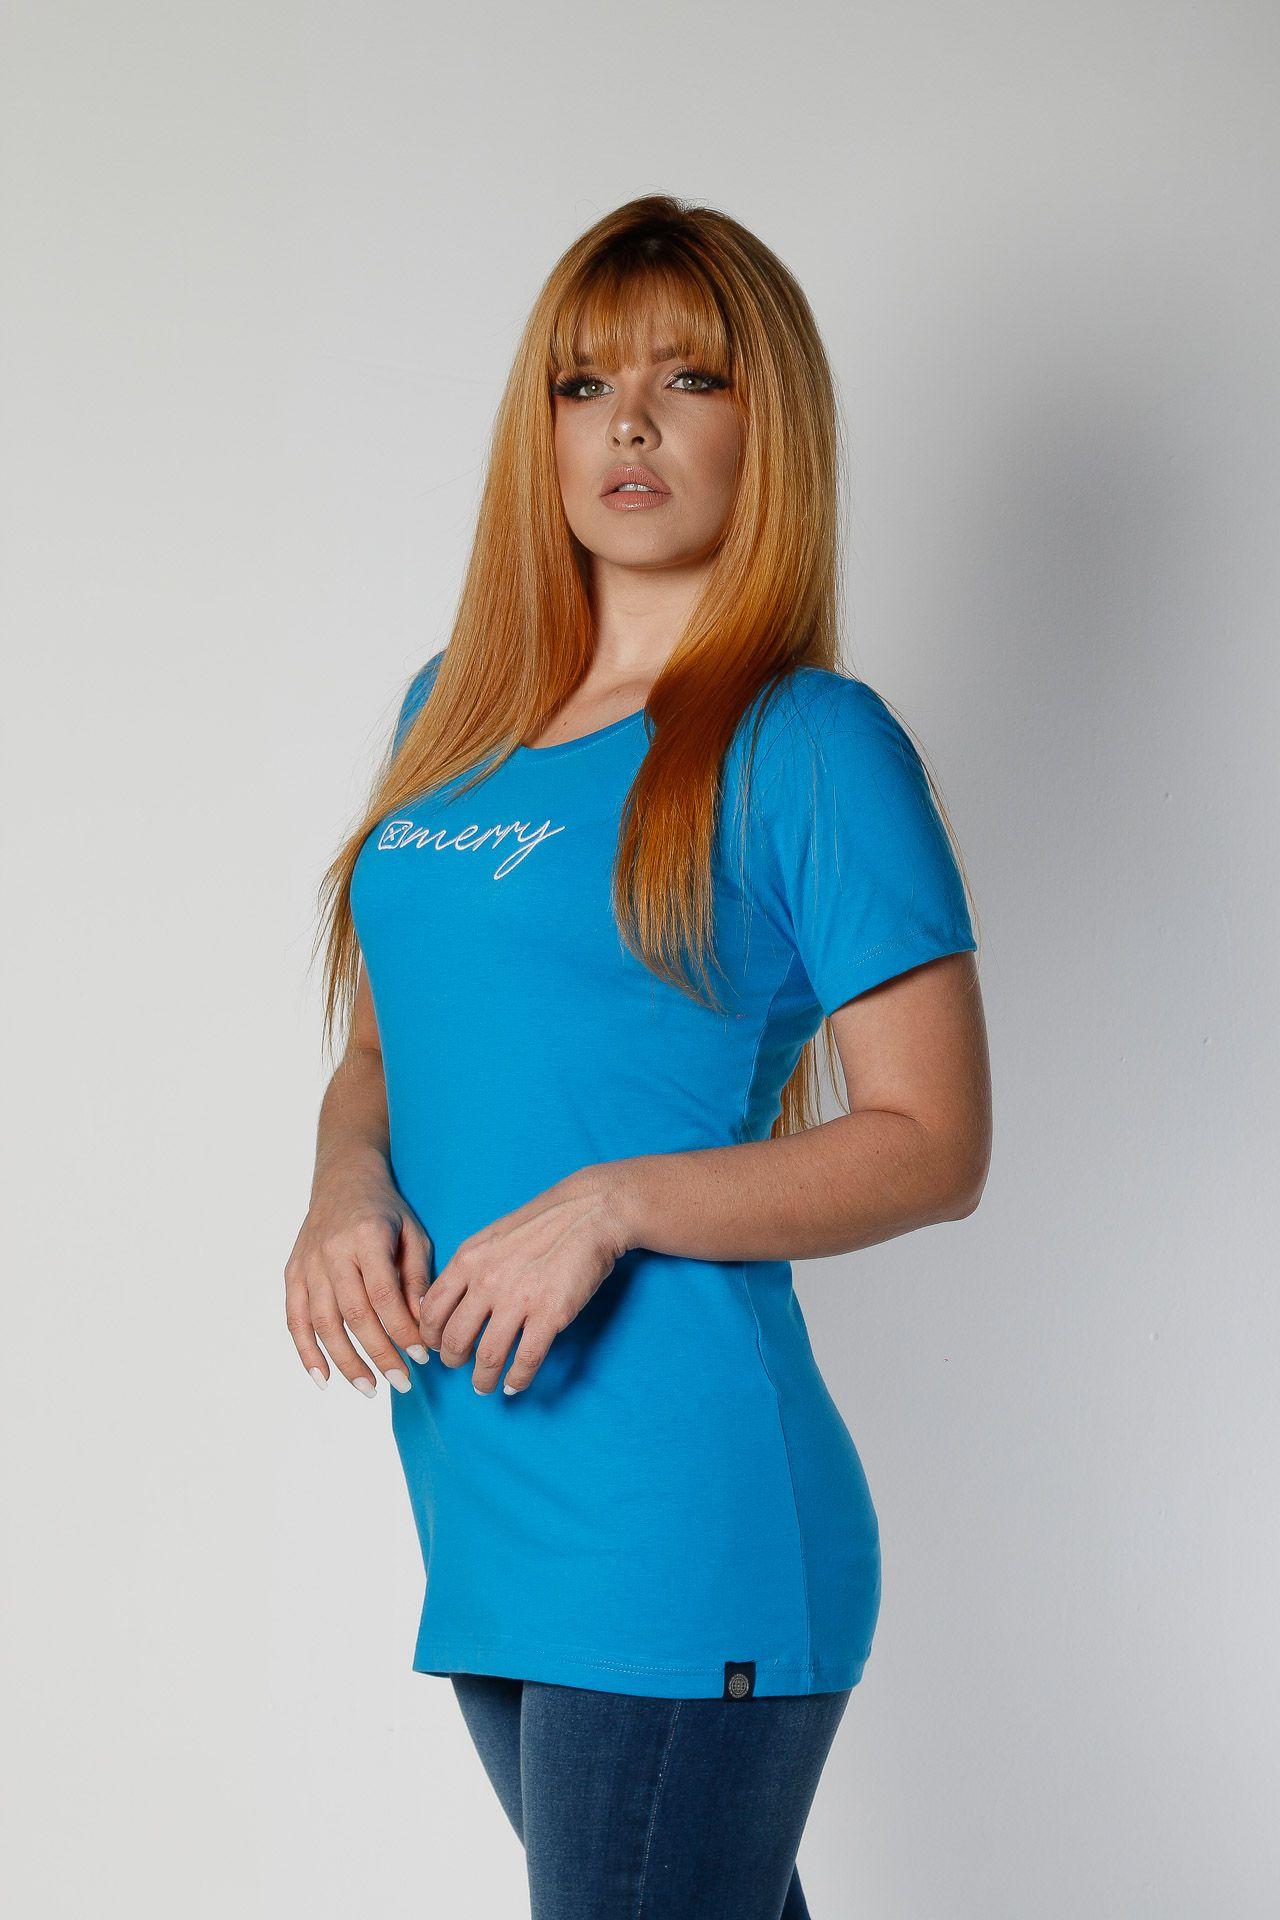 Camiseta Feminina TXC 4633